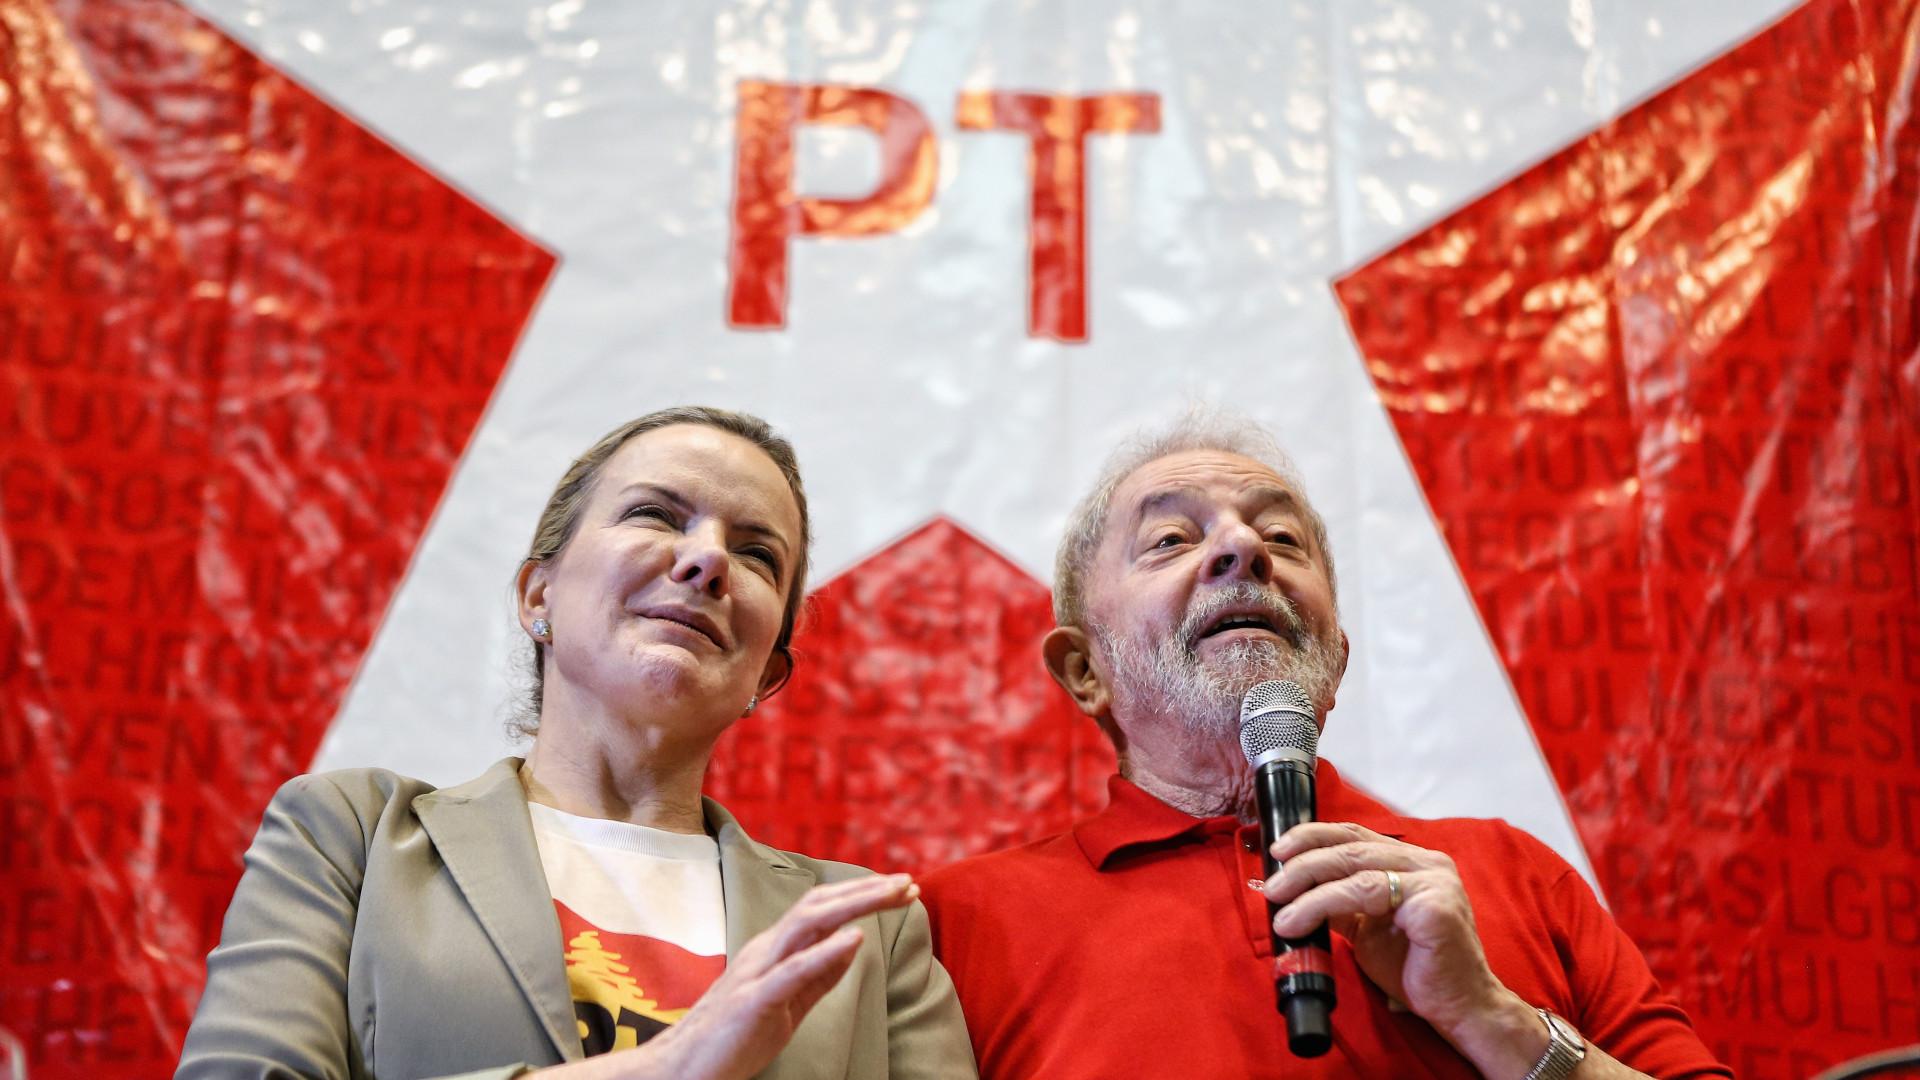 PT 'sinaliza' que não reconhecerá resultado de eleição sem Lula